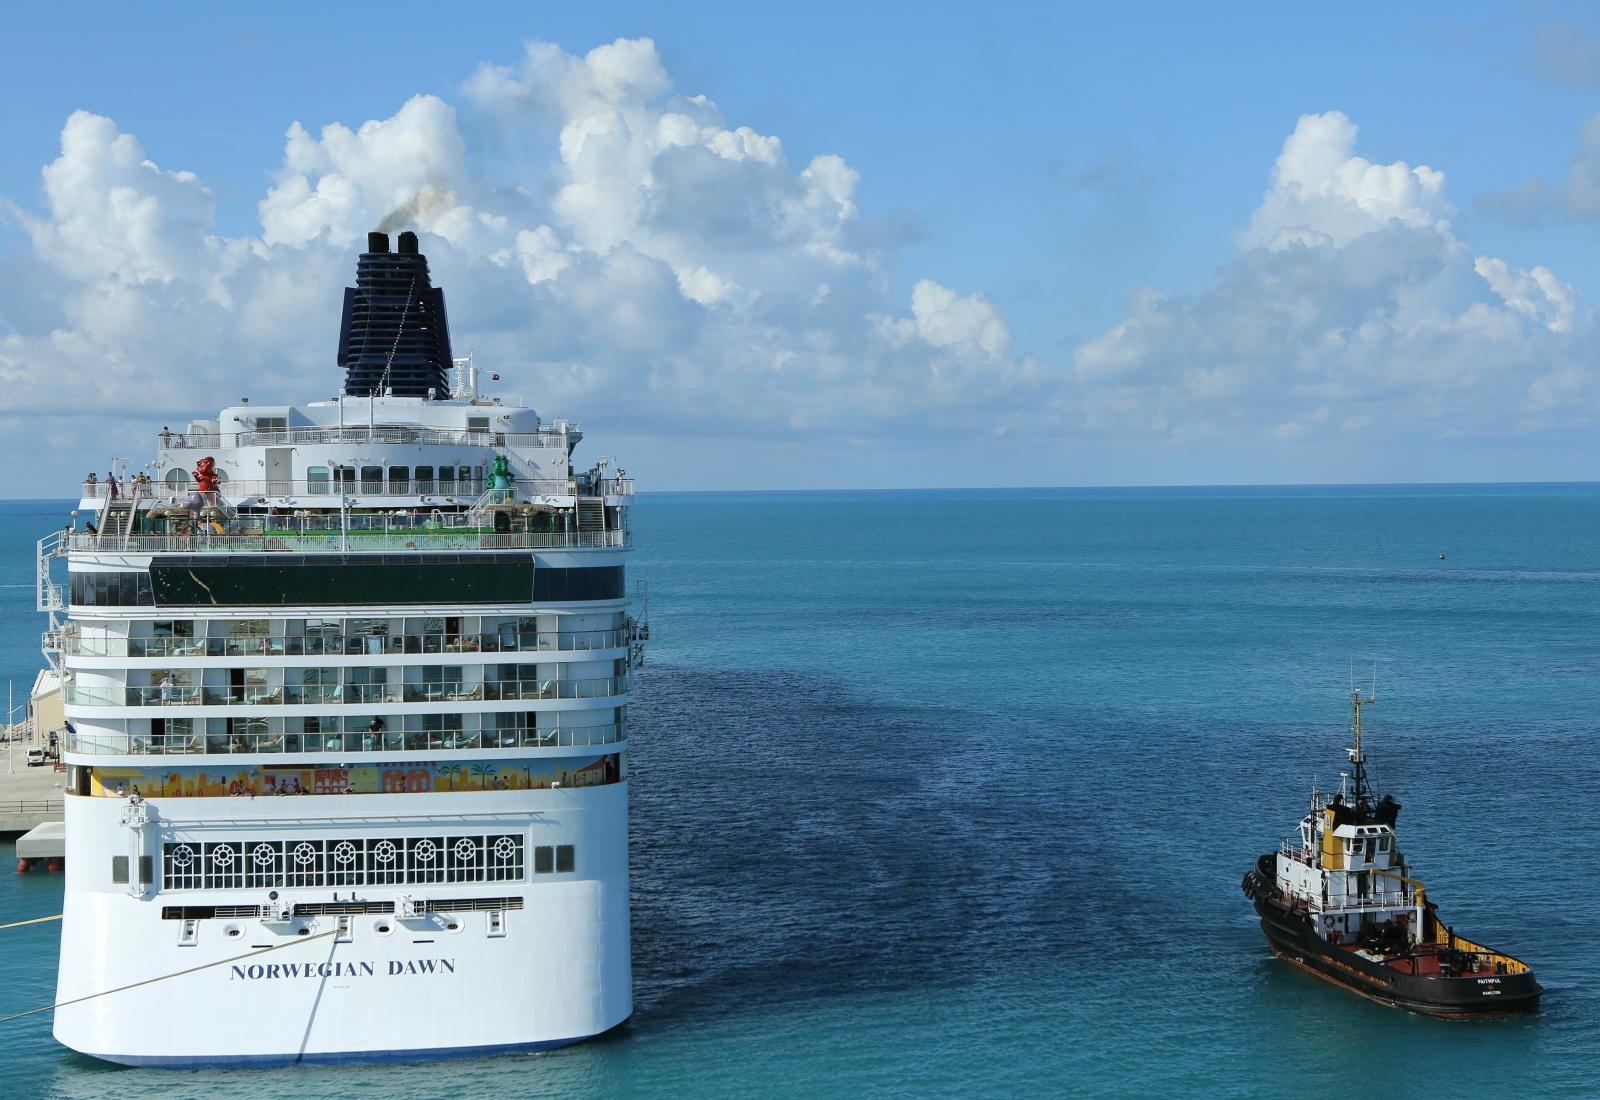 Breaking Norwegian Cruise Liner From Boston Runs Aground In Bermuda